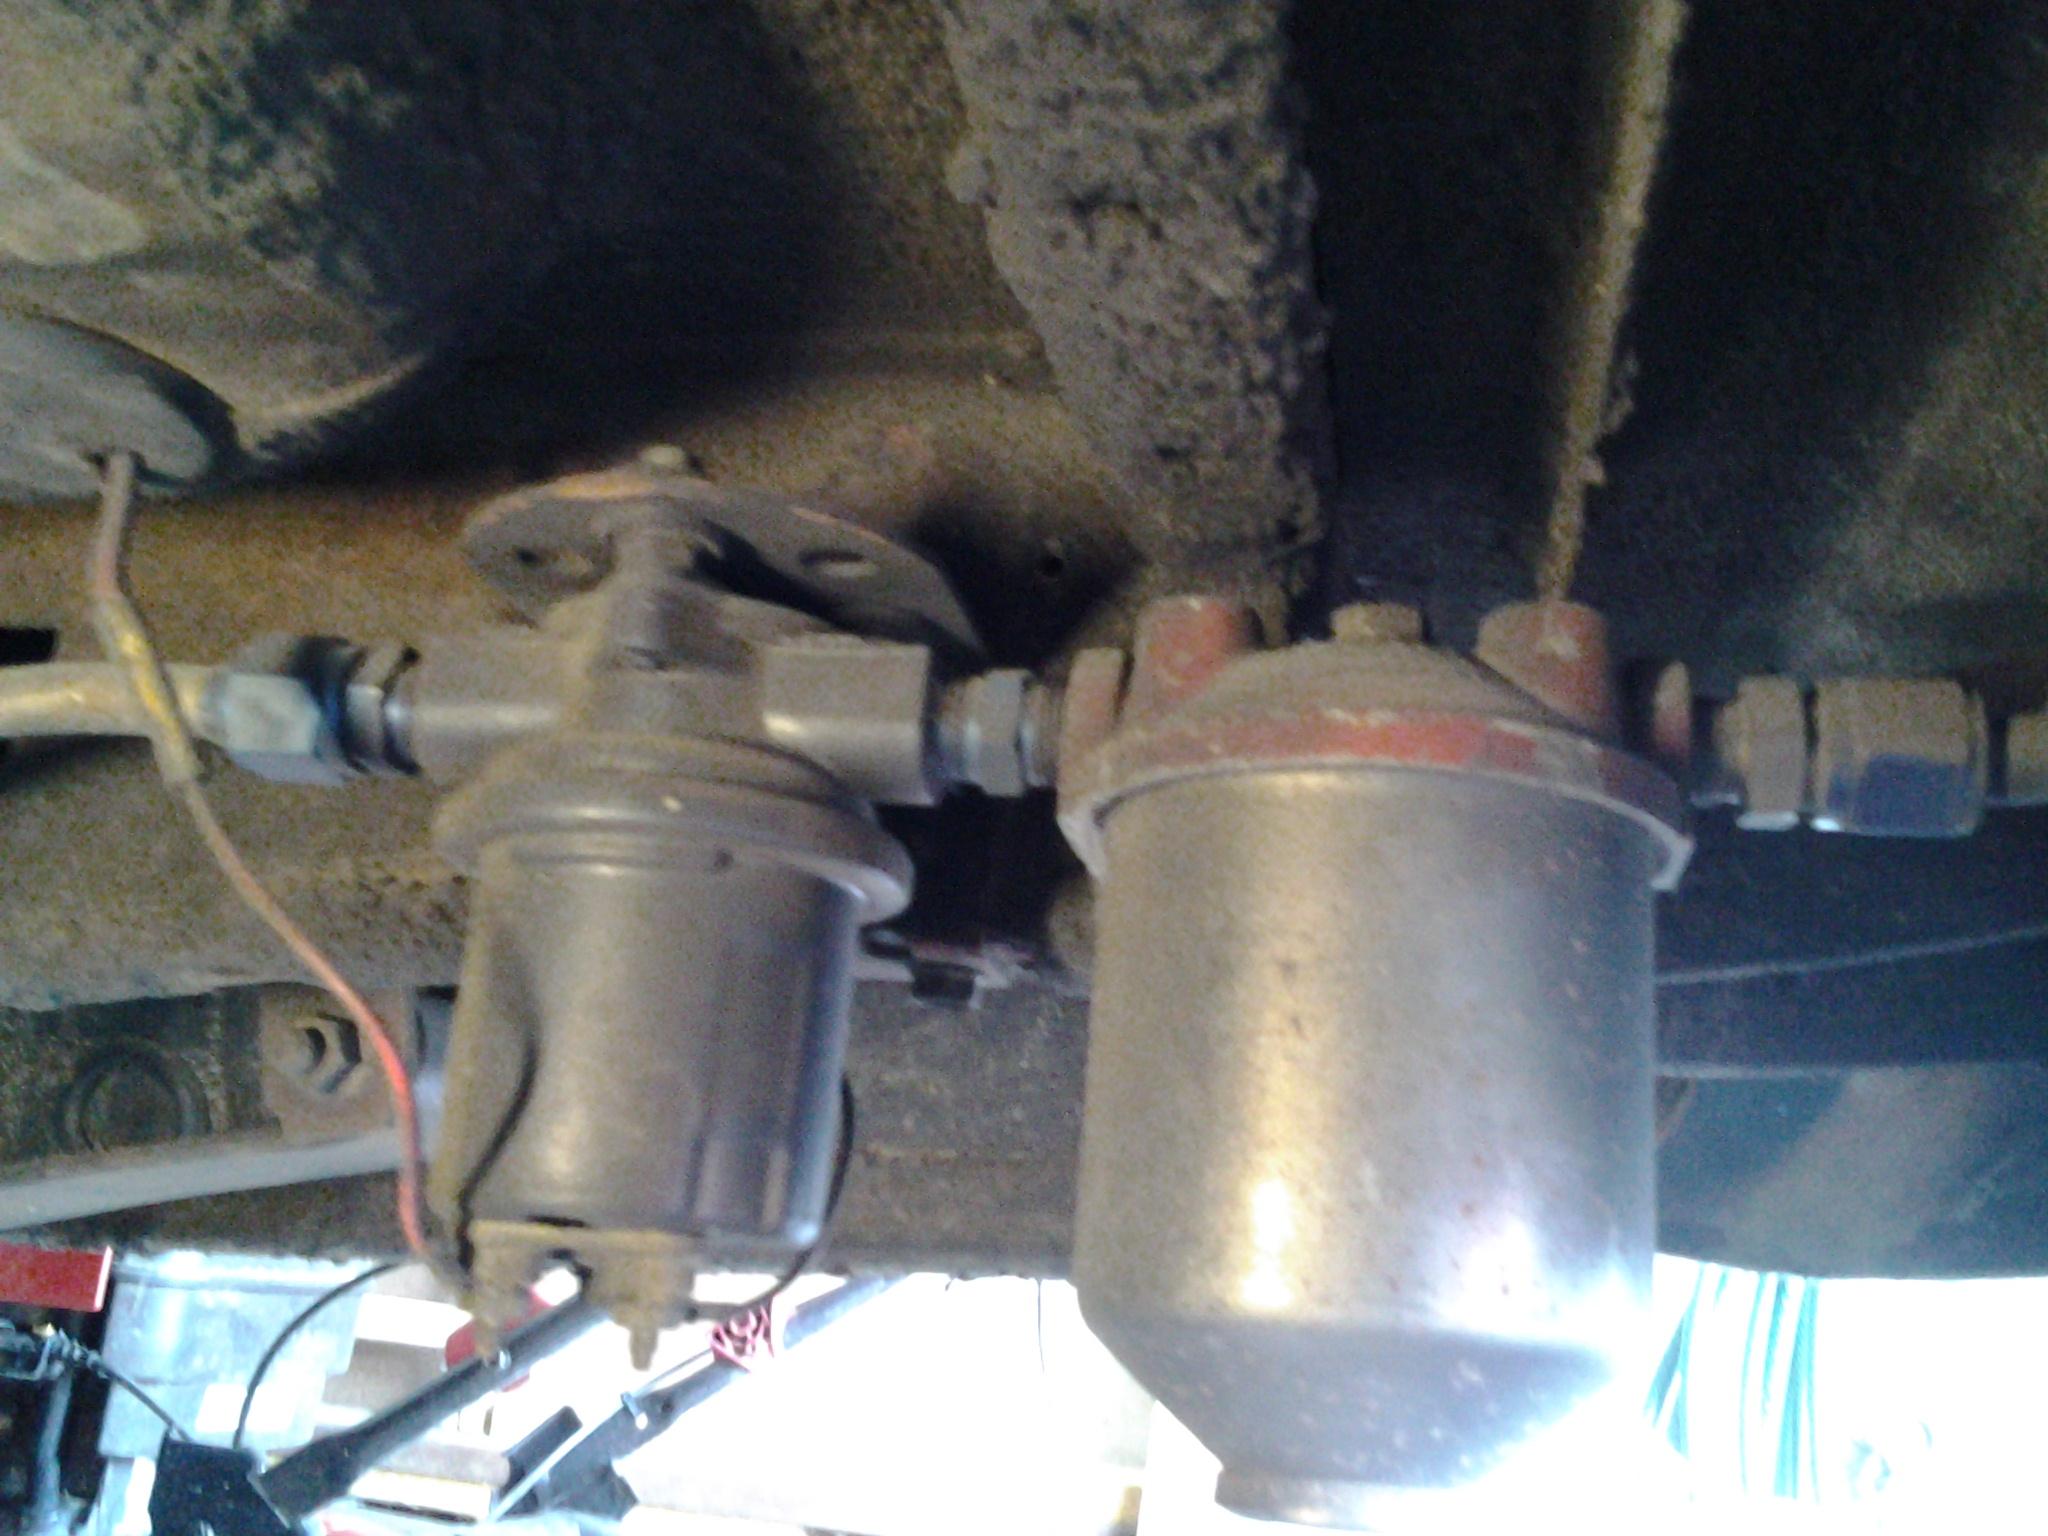 [GJFJ_338]  Fuel filter? - Moparts Forums | Fram Hpg1 Fuel Filter |  | Moparts